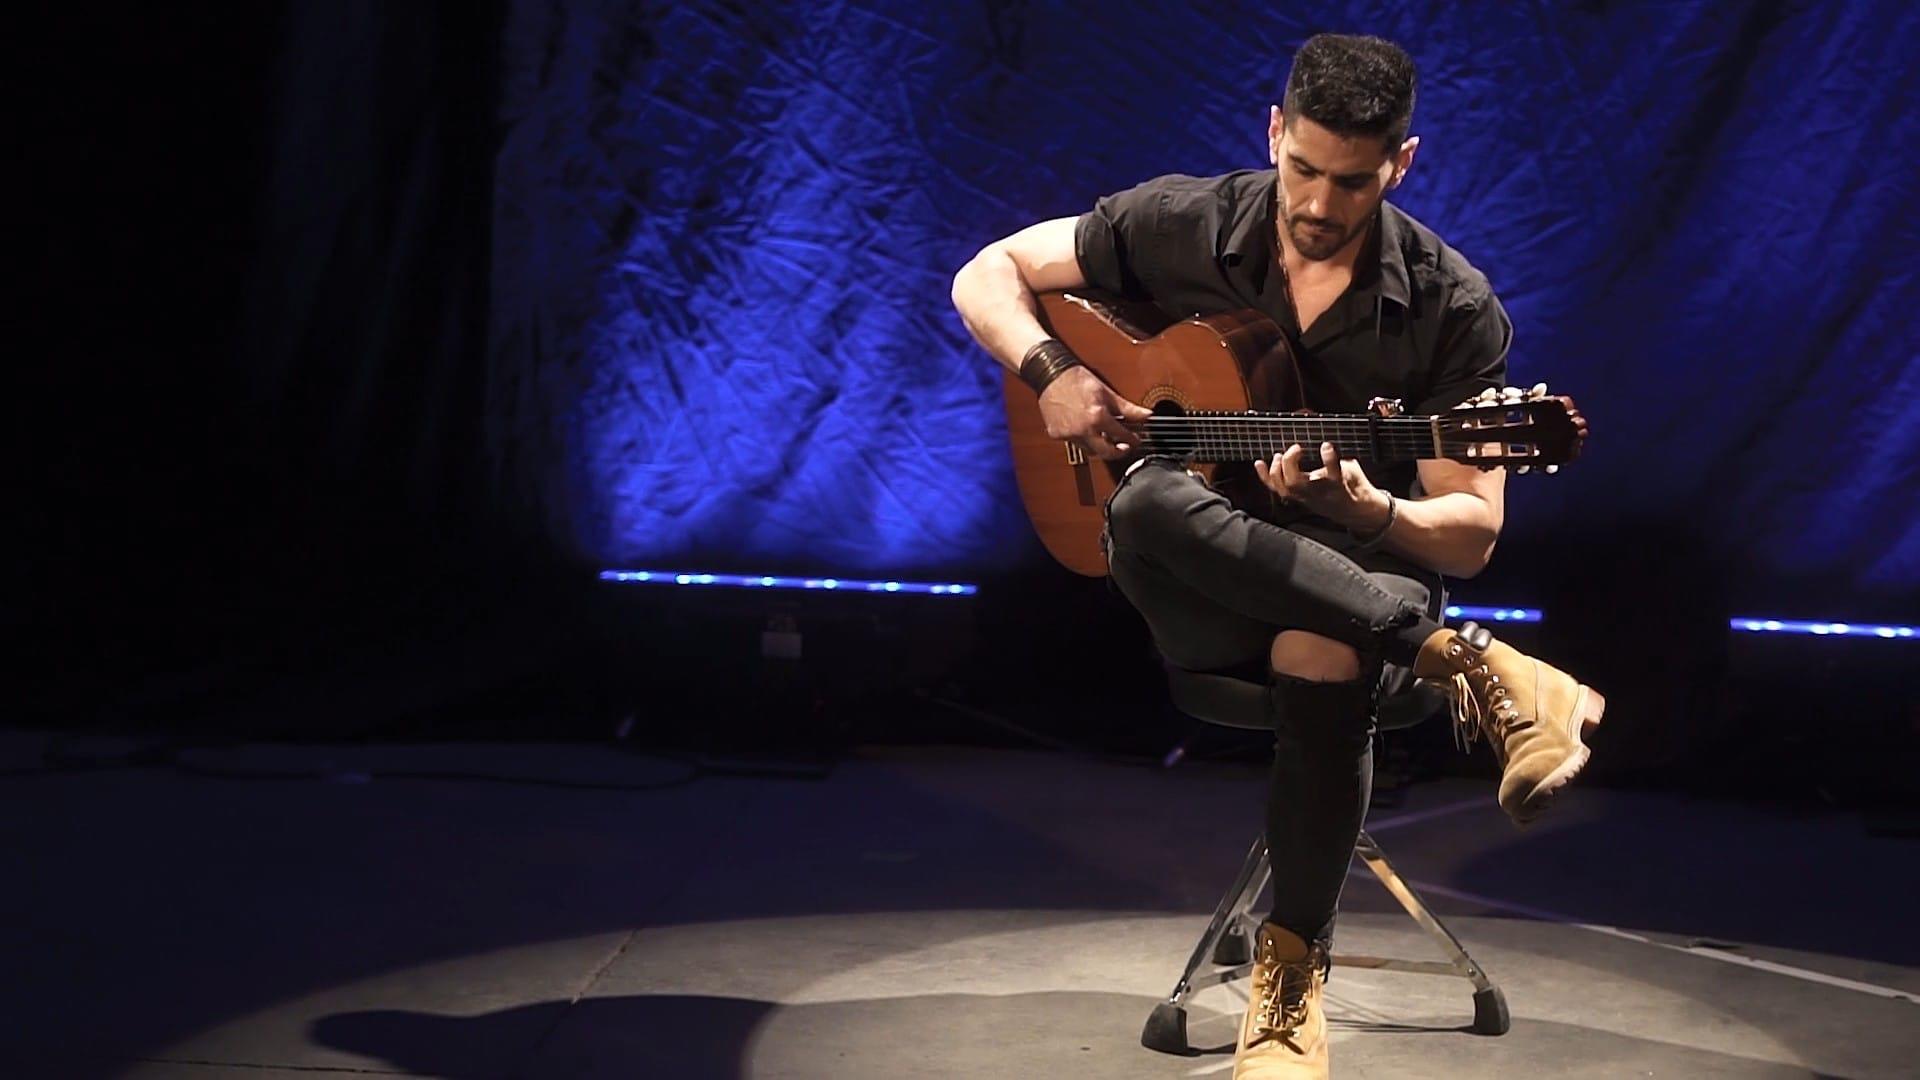 César Galvez Guitarrista